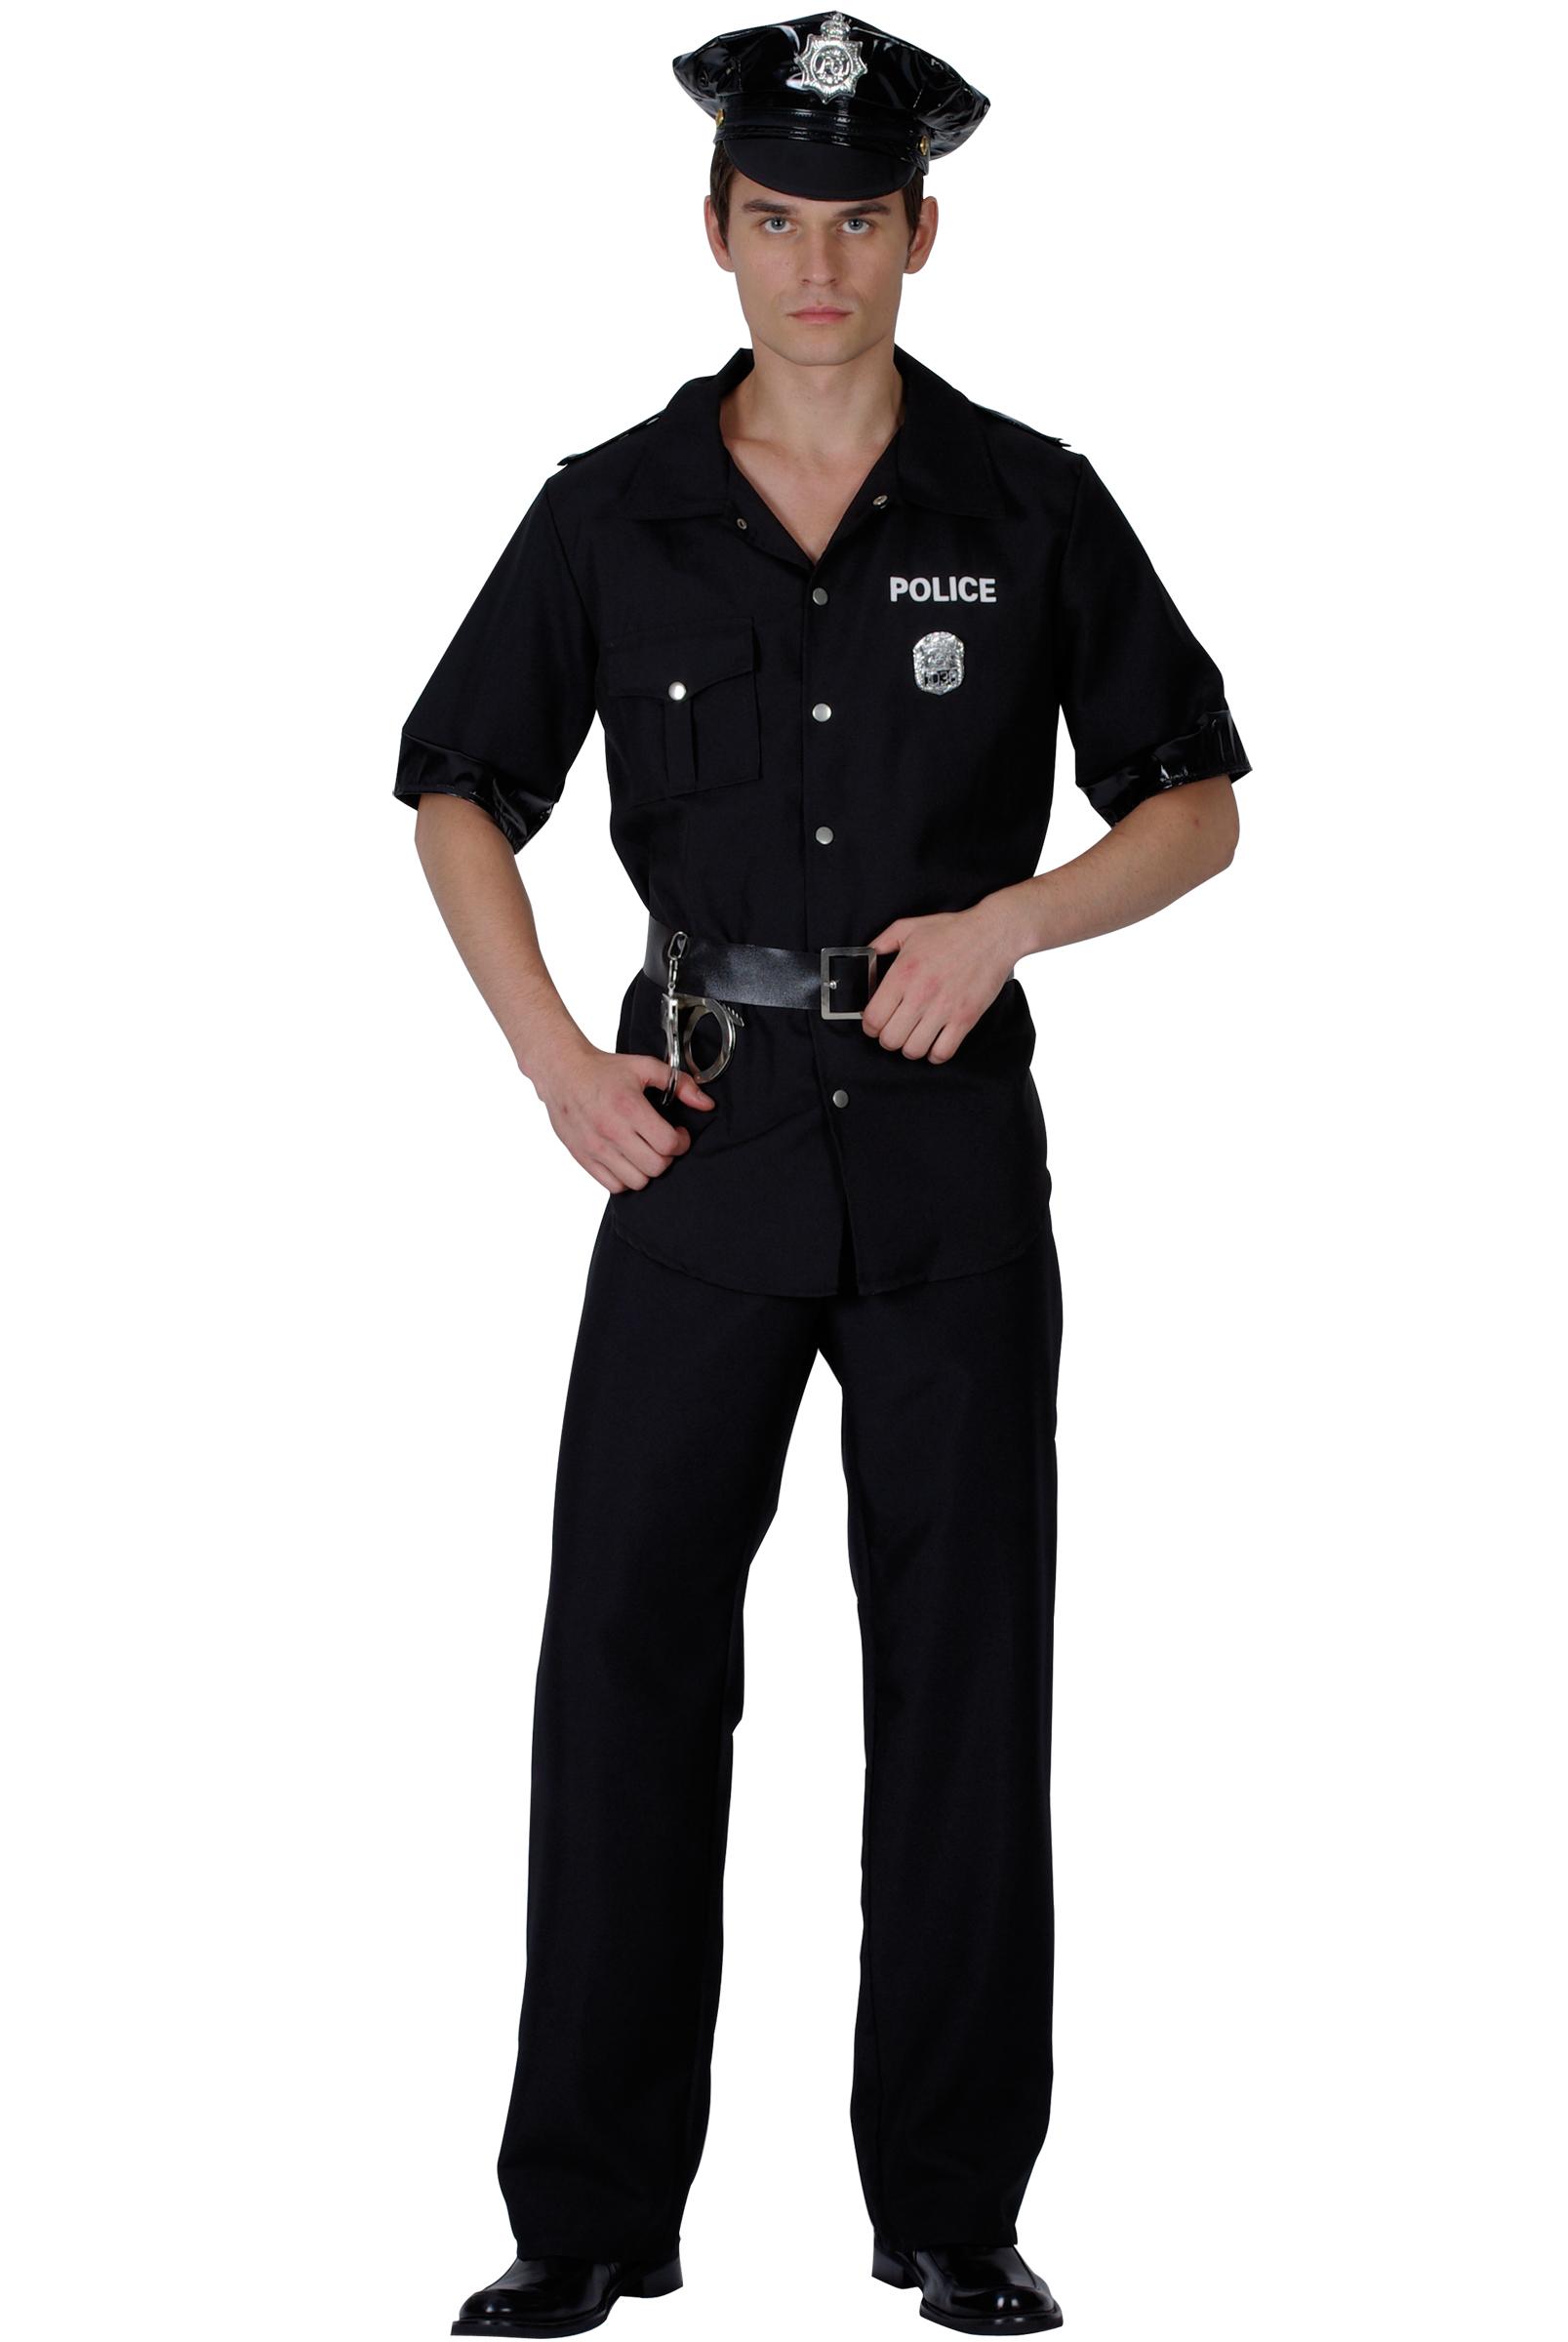 2ad3eed0cde3d Deguisement police pas cher   Homme et femme et adulte